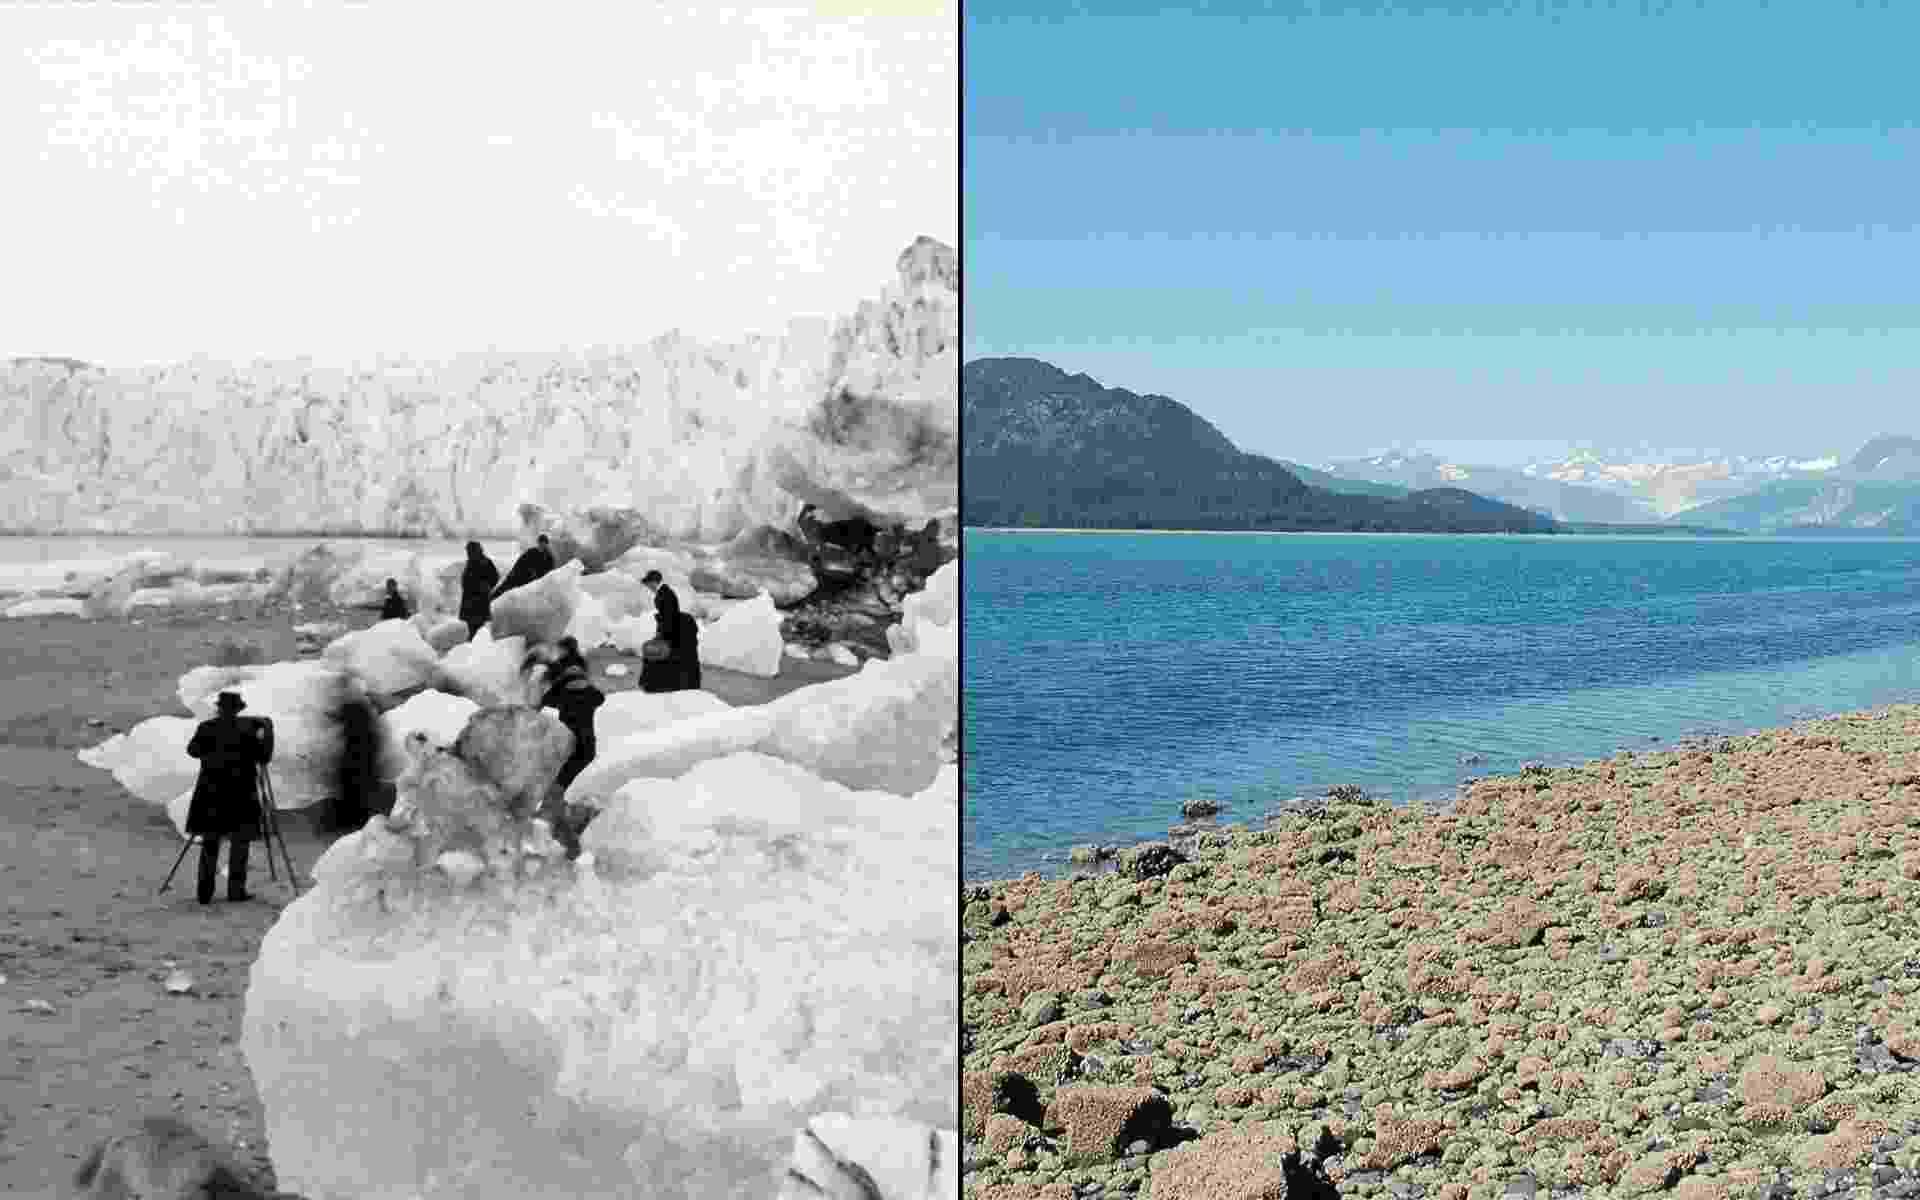 16.mar.2015 - A Nasa mantem uma galeria para mostrar mudanças no ambiente, seja por impacto das mudanças climáticas, intervenção urbana ou desastres ambientais. A paisagem da geleira Muir, no Alaska, foi registrada à esquerda no ano de 1882 e à direita mais de um século mais tarde, datada de agosto de 2005 - 1882/G.D. Hazard; 2005/Bruce F. Molnia/World Data Center for Glaciology